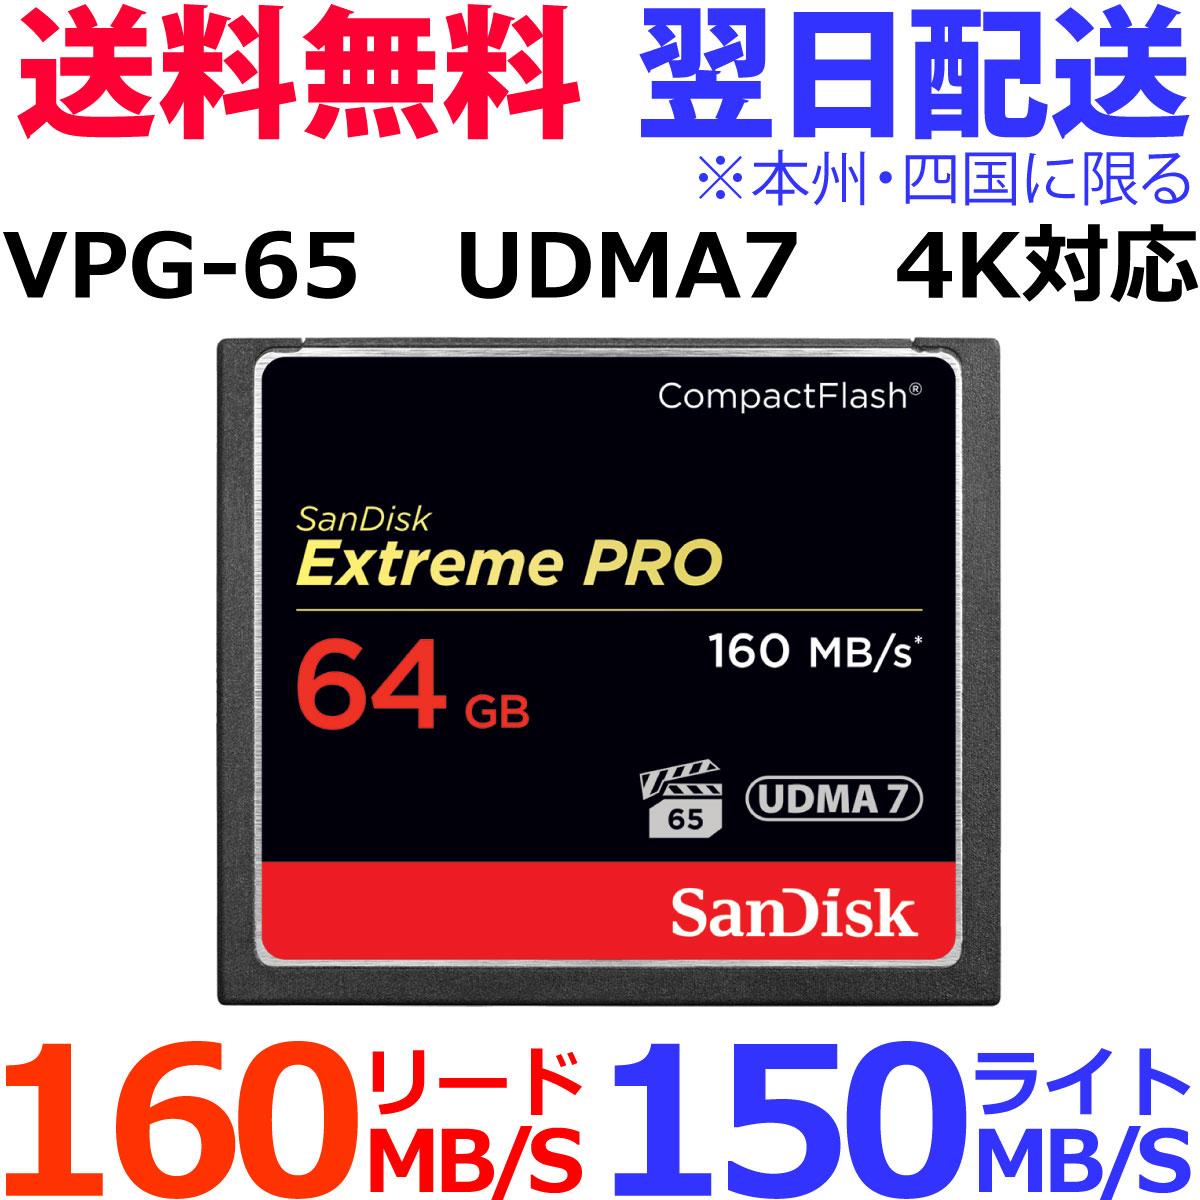 コンパクトフラッシュ CFカード 64GB SanDisk EXTREME PRO 1067倍速 海外パッケージ品 SDCFXPS-064G-X46 SDCFXPS-064G-J35 SDCFXPS-064G-A46 SDCFXPS-064G-XQ46 SDCFXPS-064G-46S